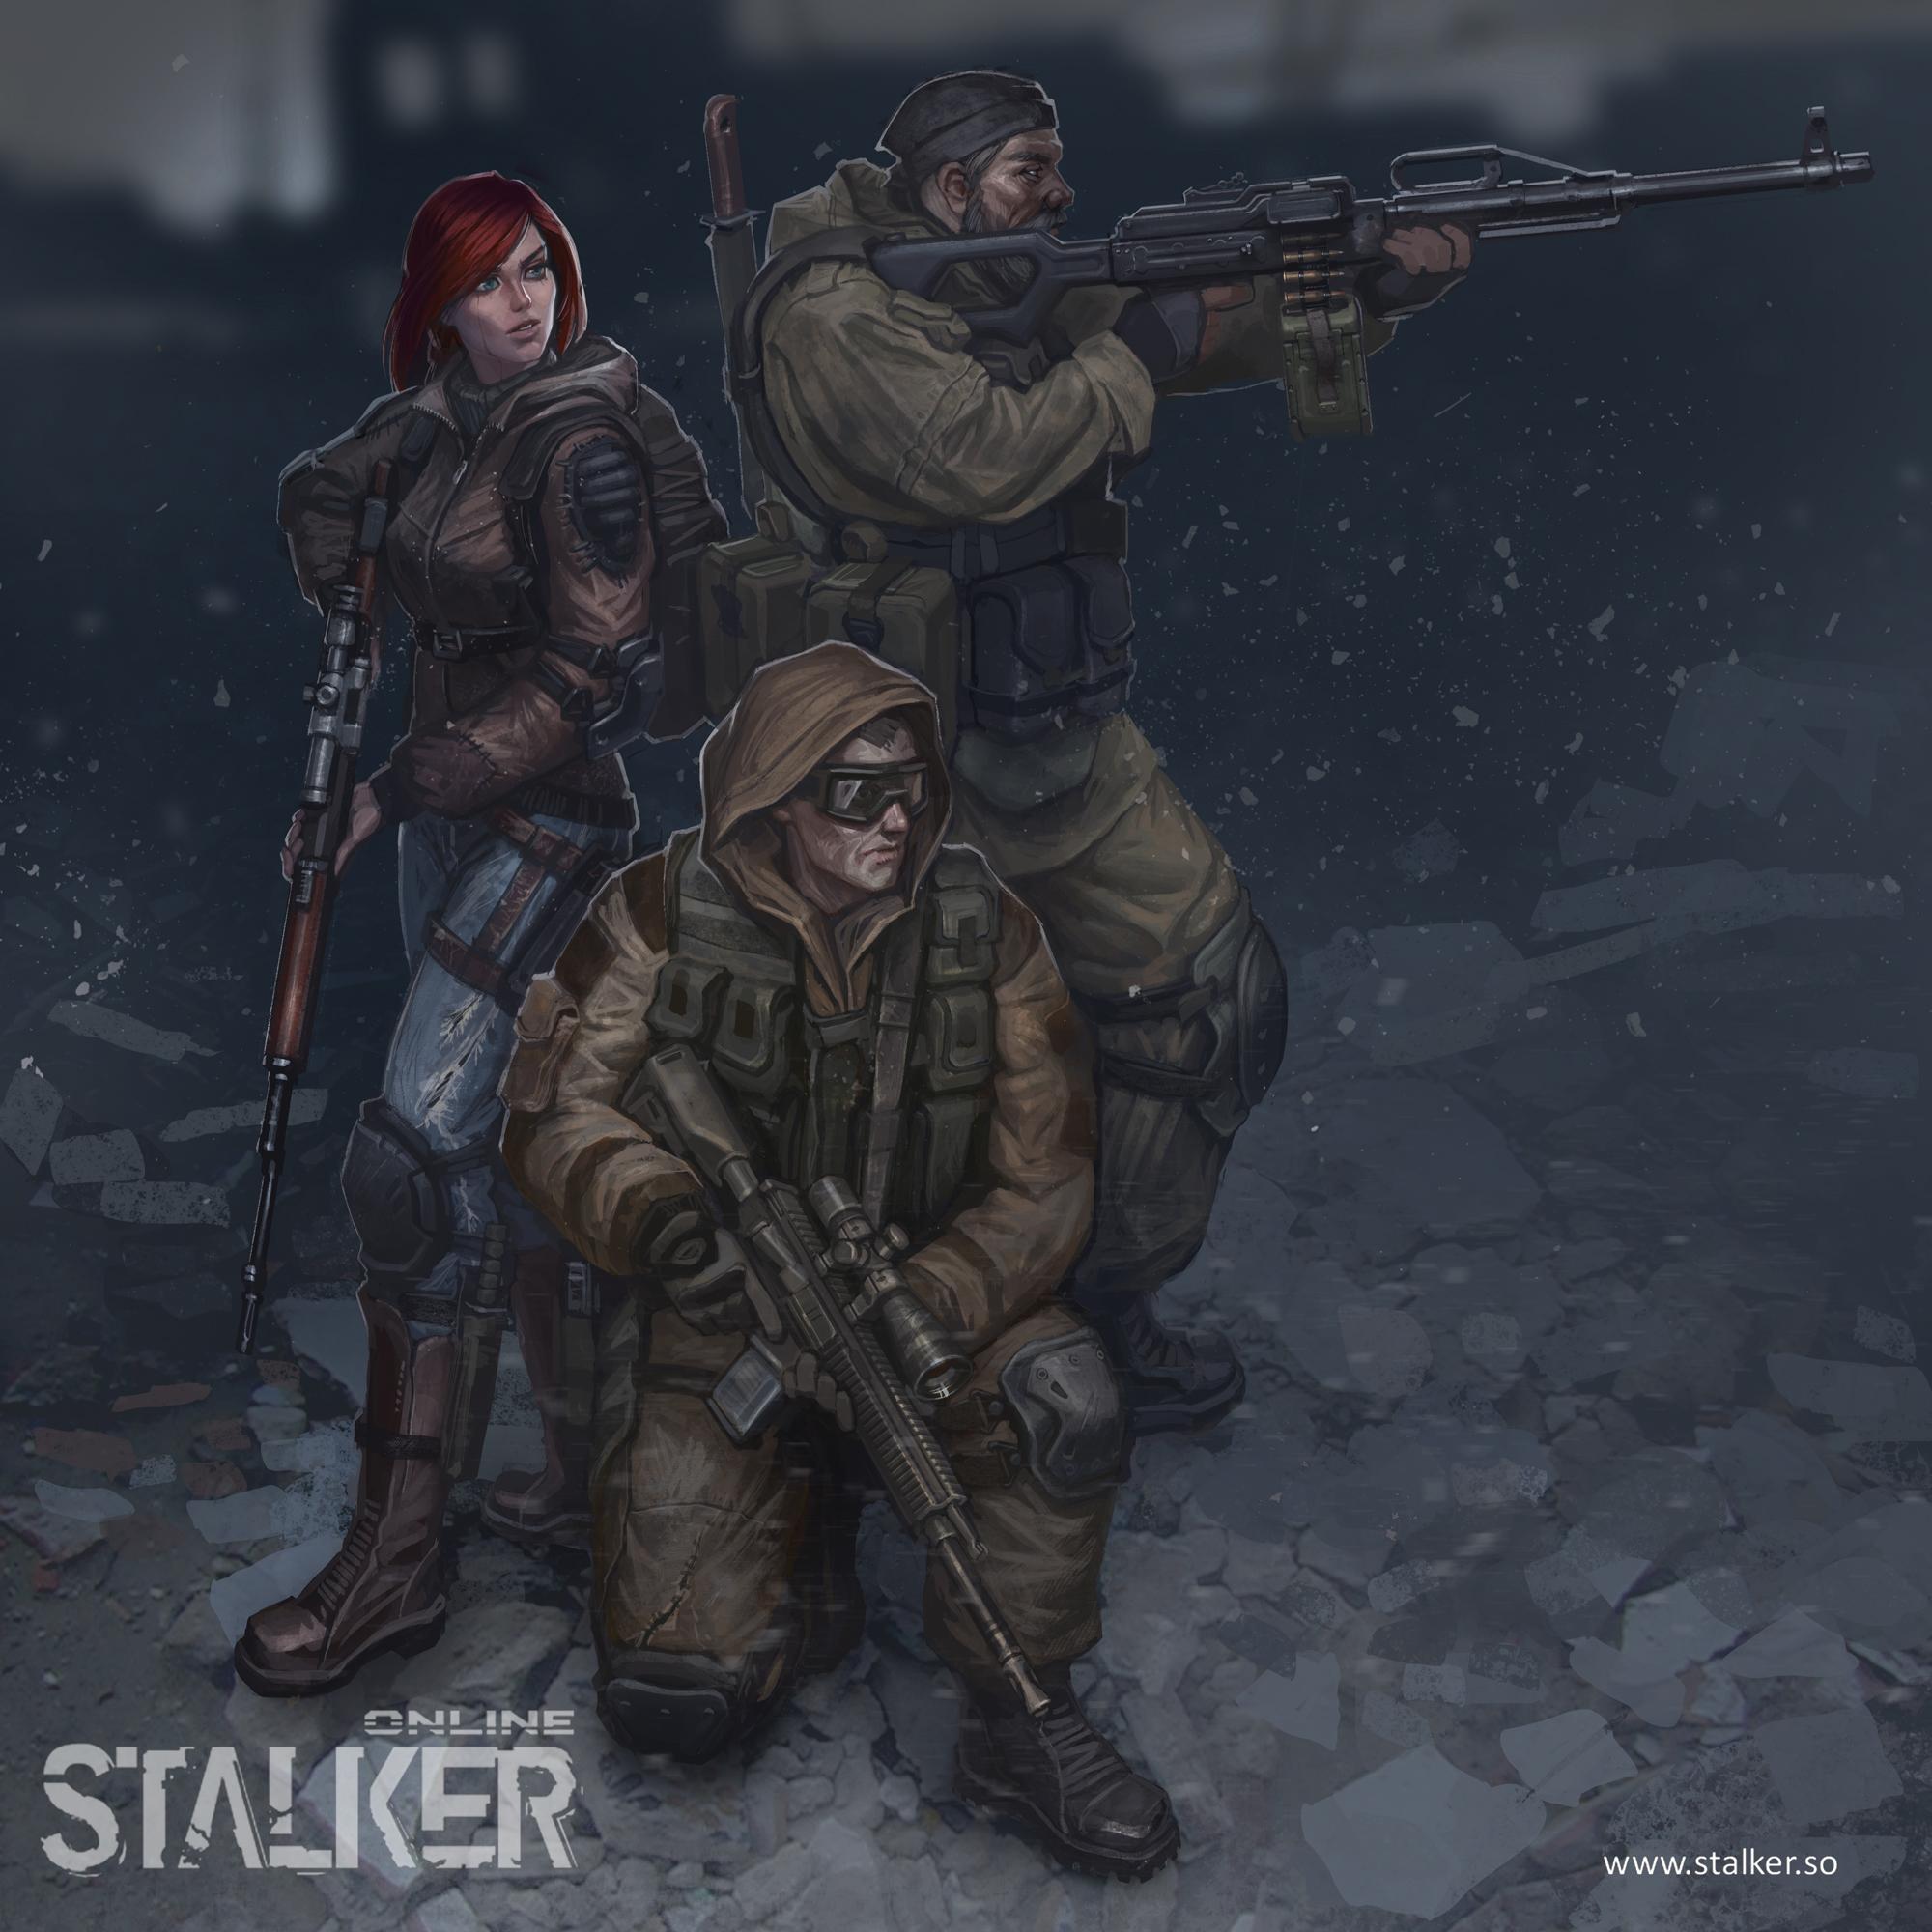 Stalker Online poster 4